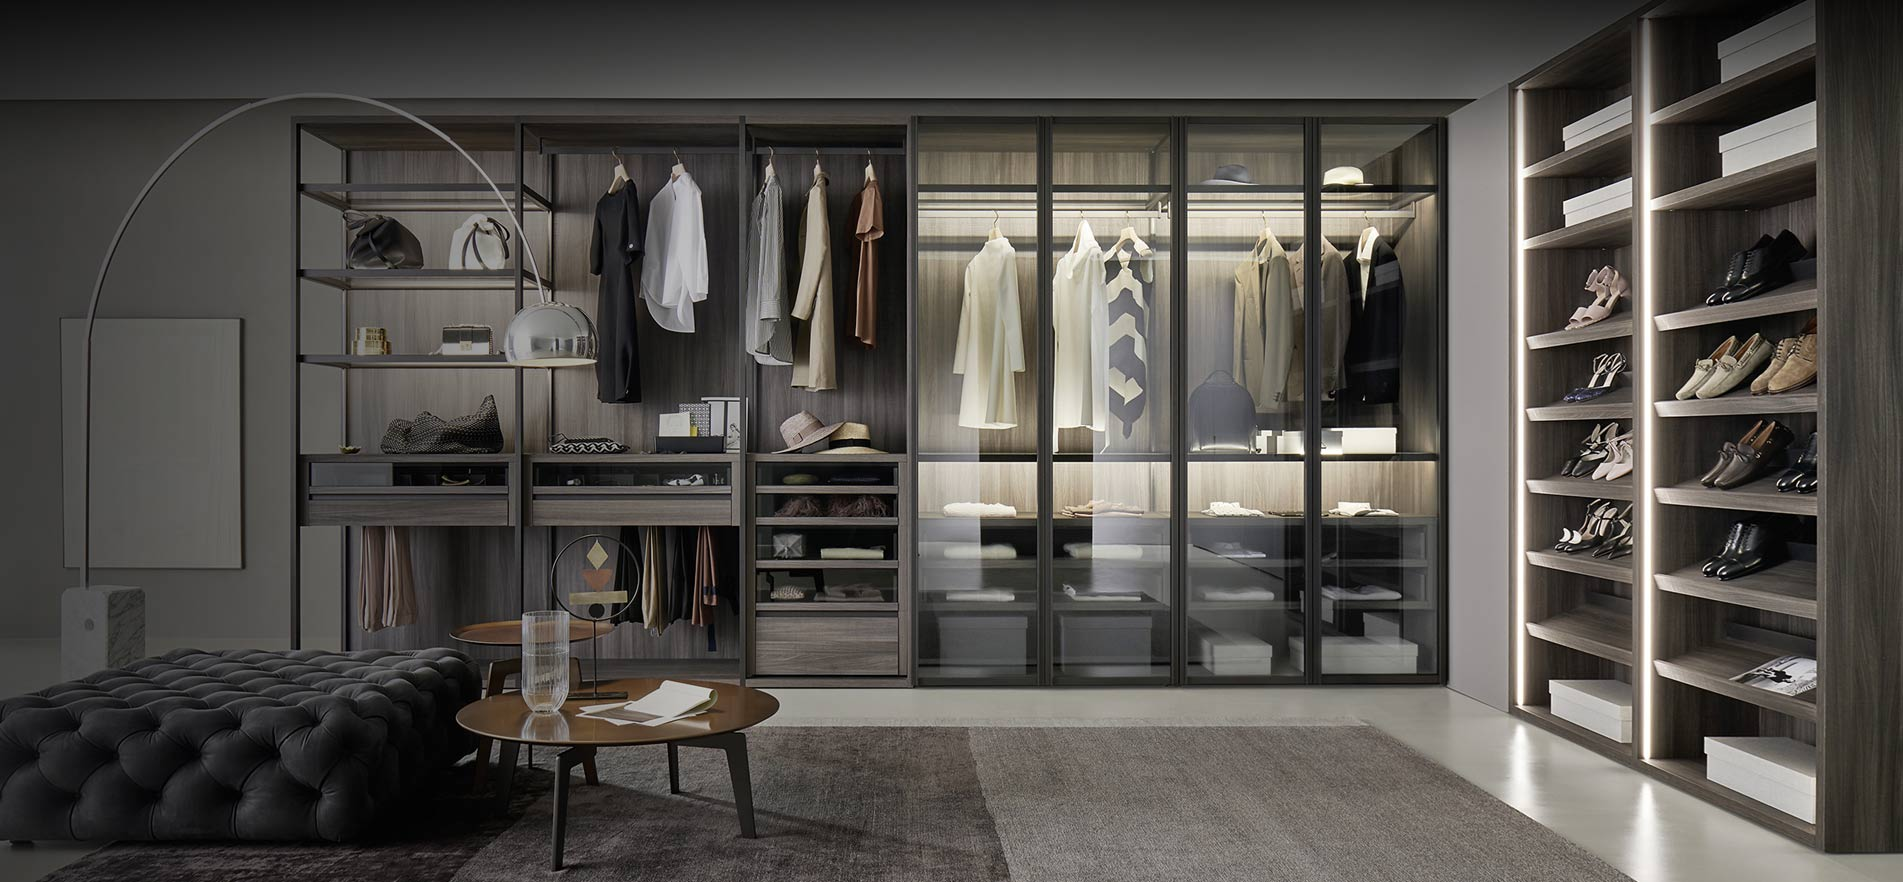 Design Begehbare Kleiderschranke Fur Ihr Ankleidezimmer